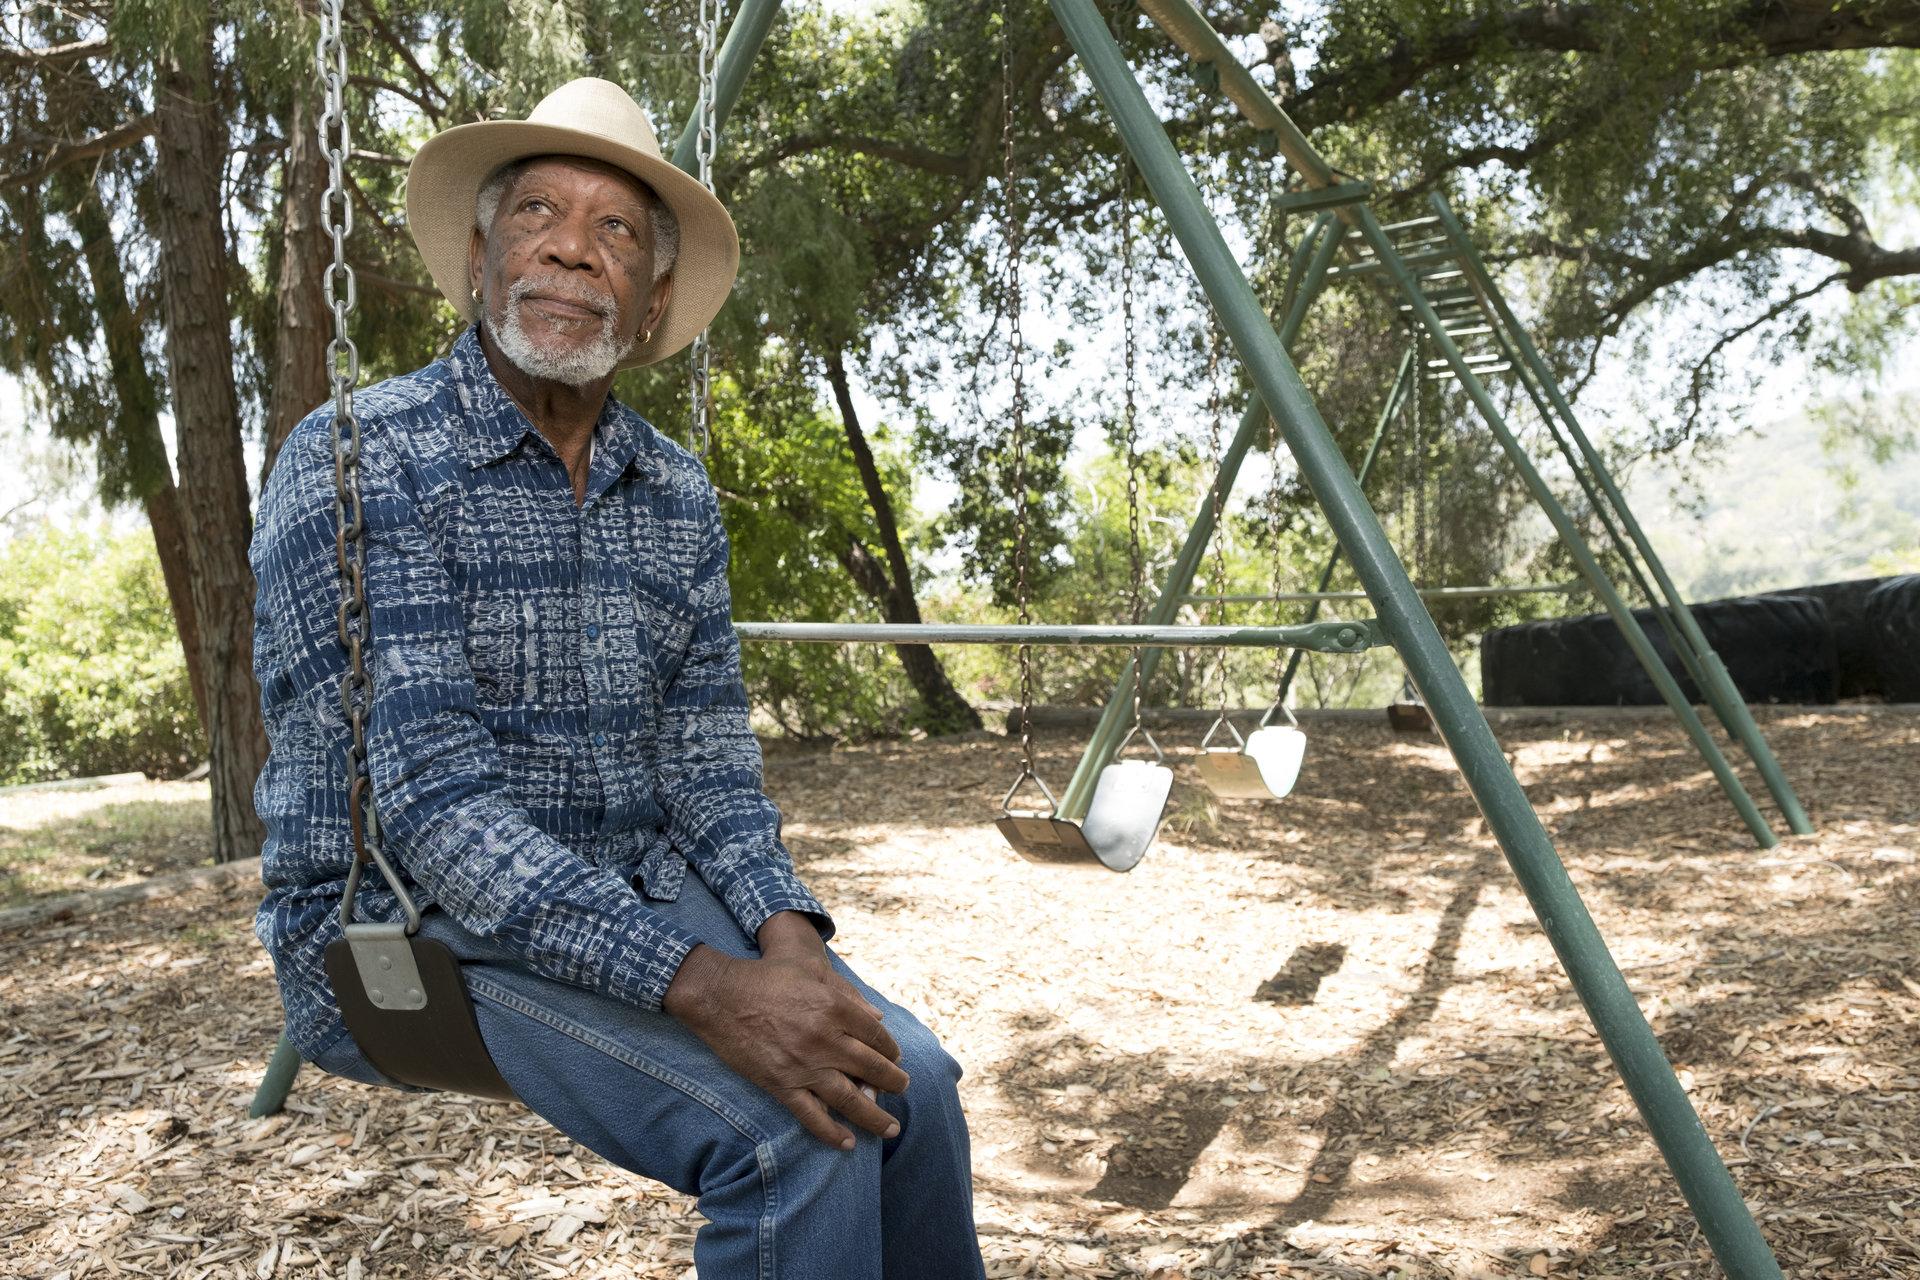 """Morgan Freeman w poszukiwaniu prawdy o człowieku. Kim jesteśmy i dokąd zmierzamy? """"Opowieść o człowieczeństwie"""" w styczniu  na kanale National Geographic"""